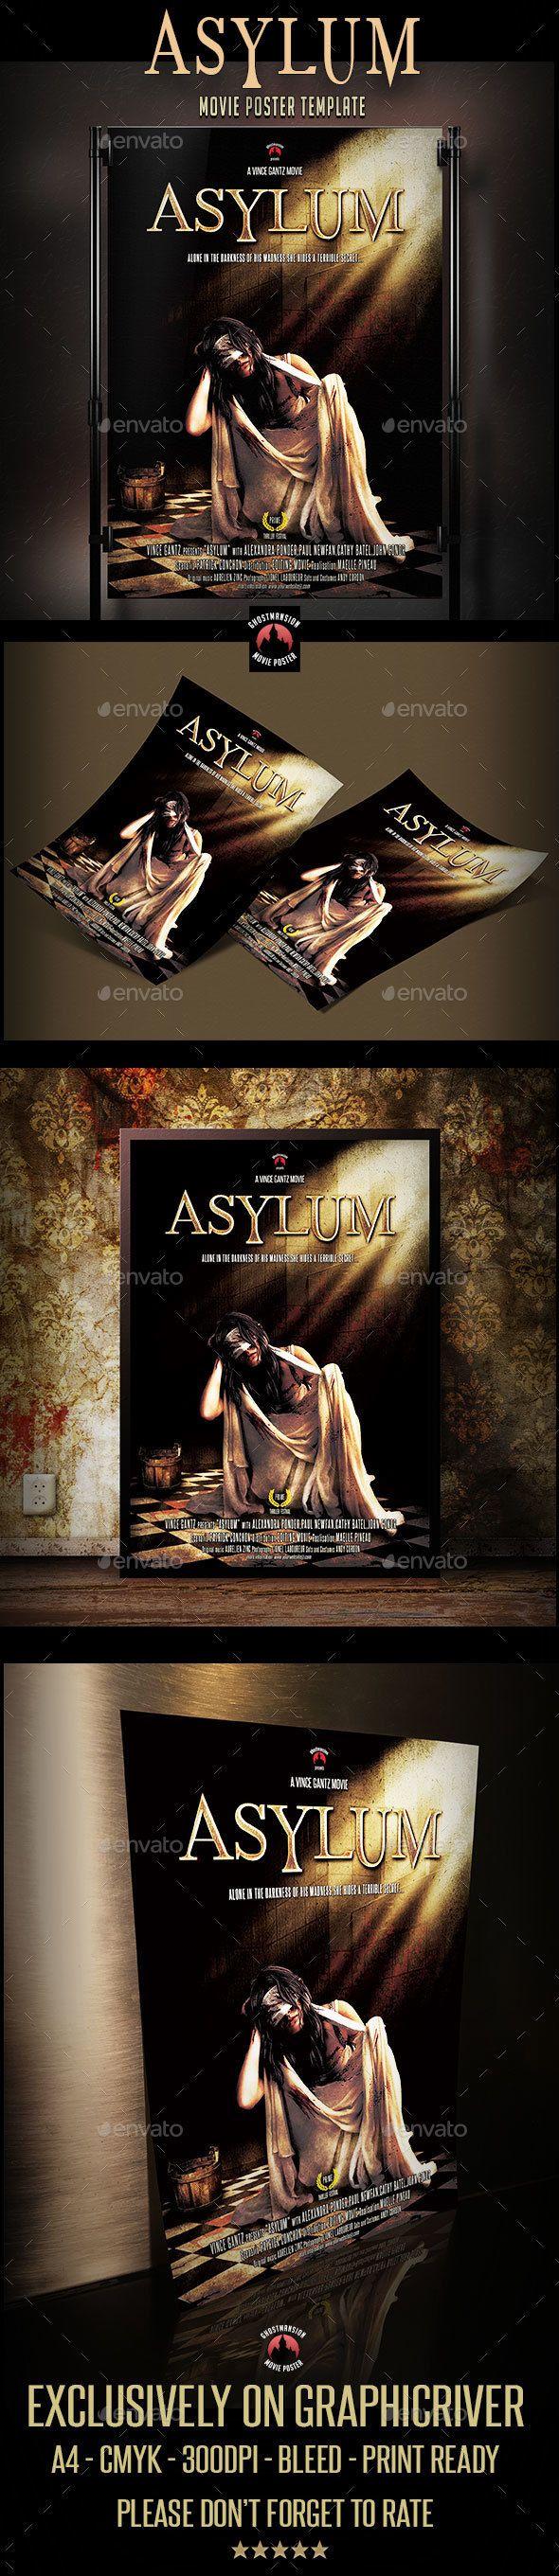 """""""Asylum"""" Movie Poster Template"""